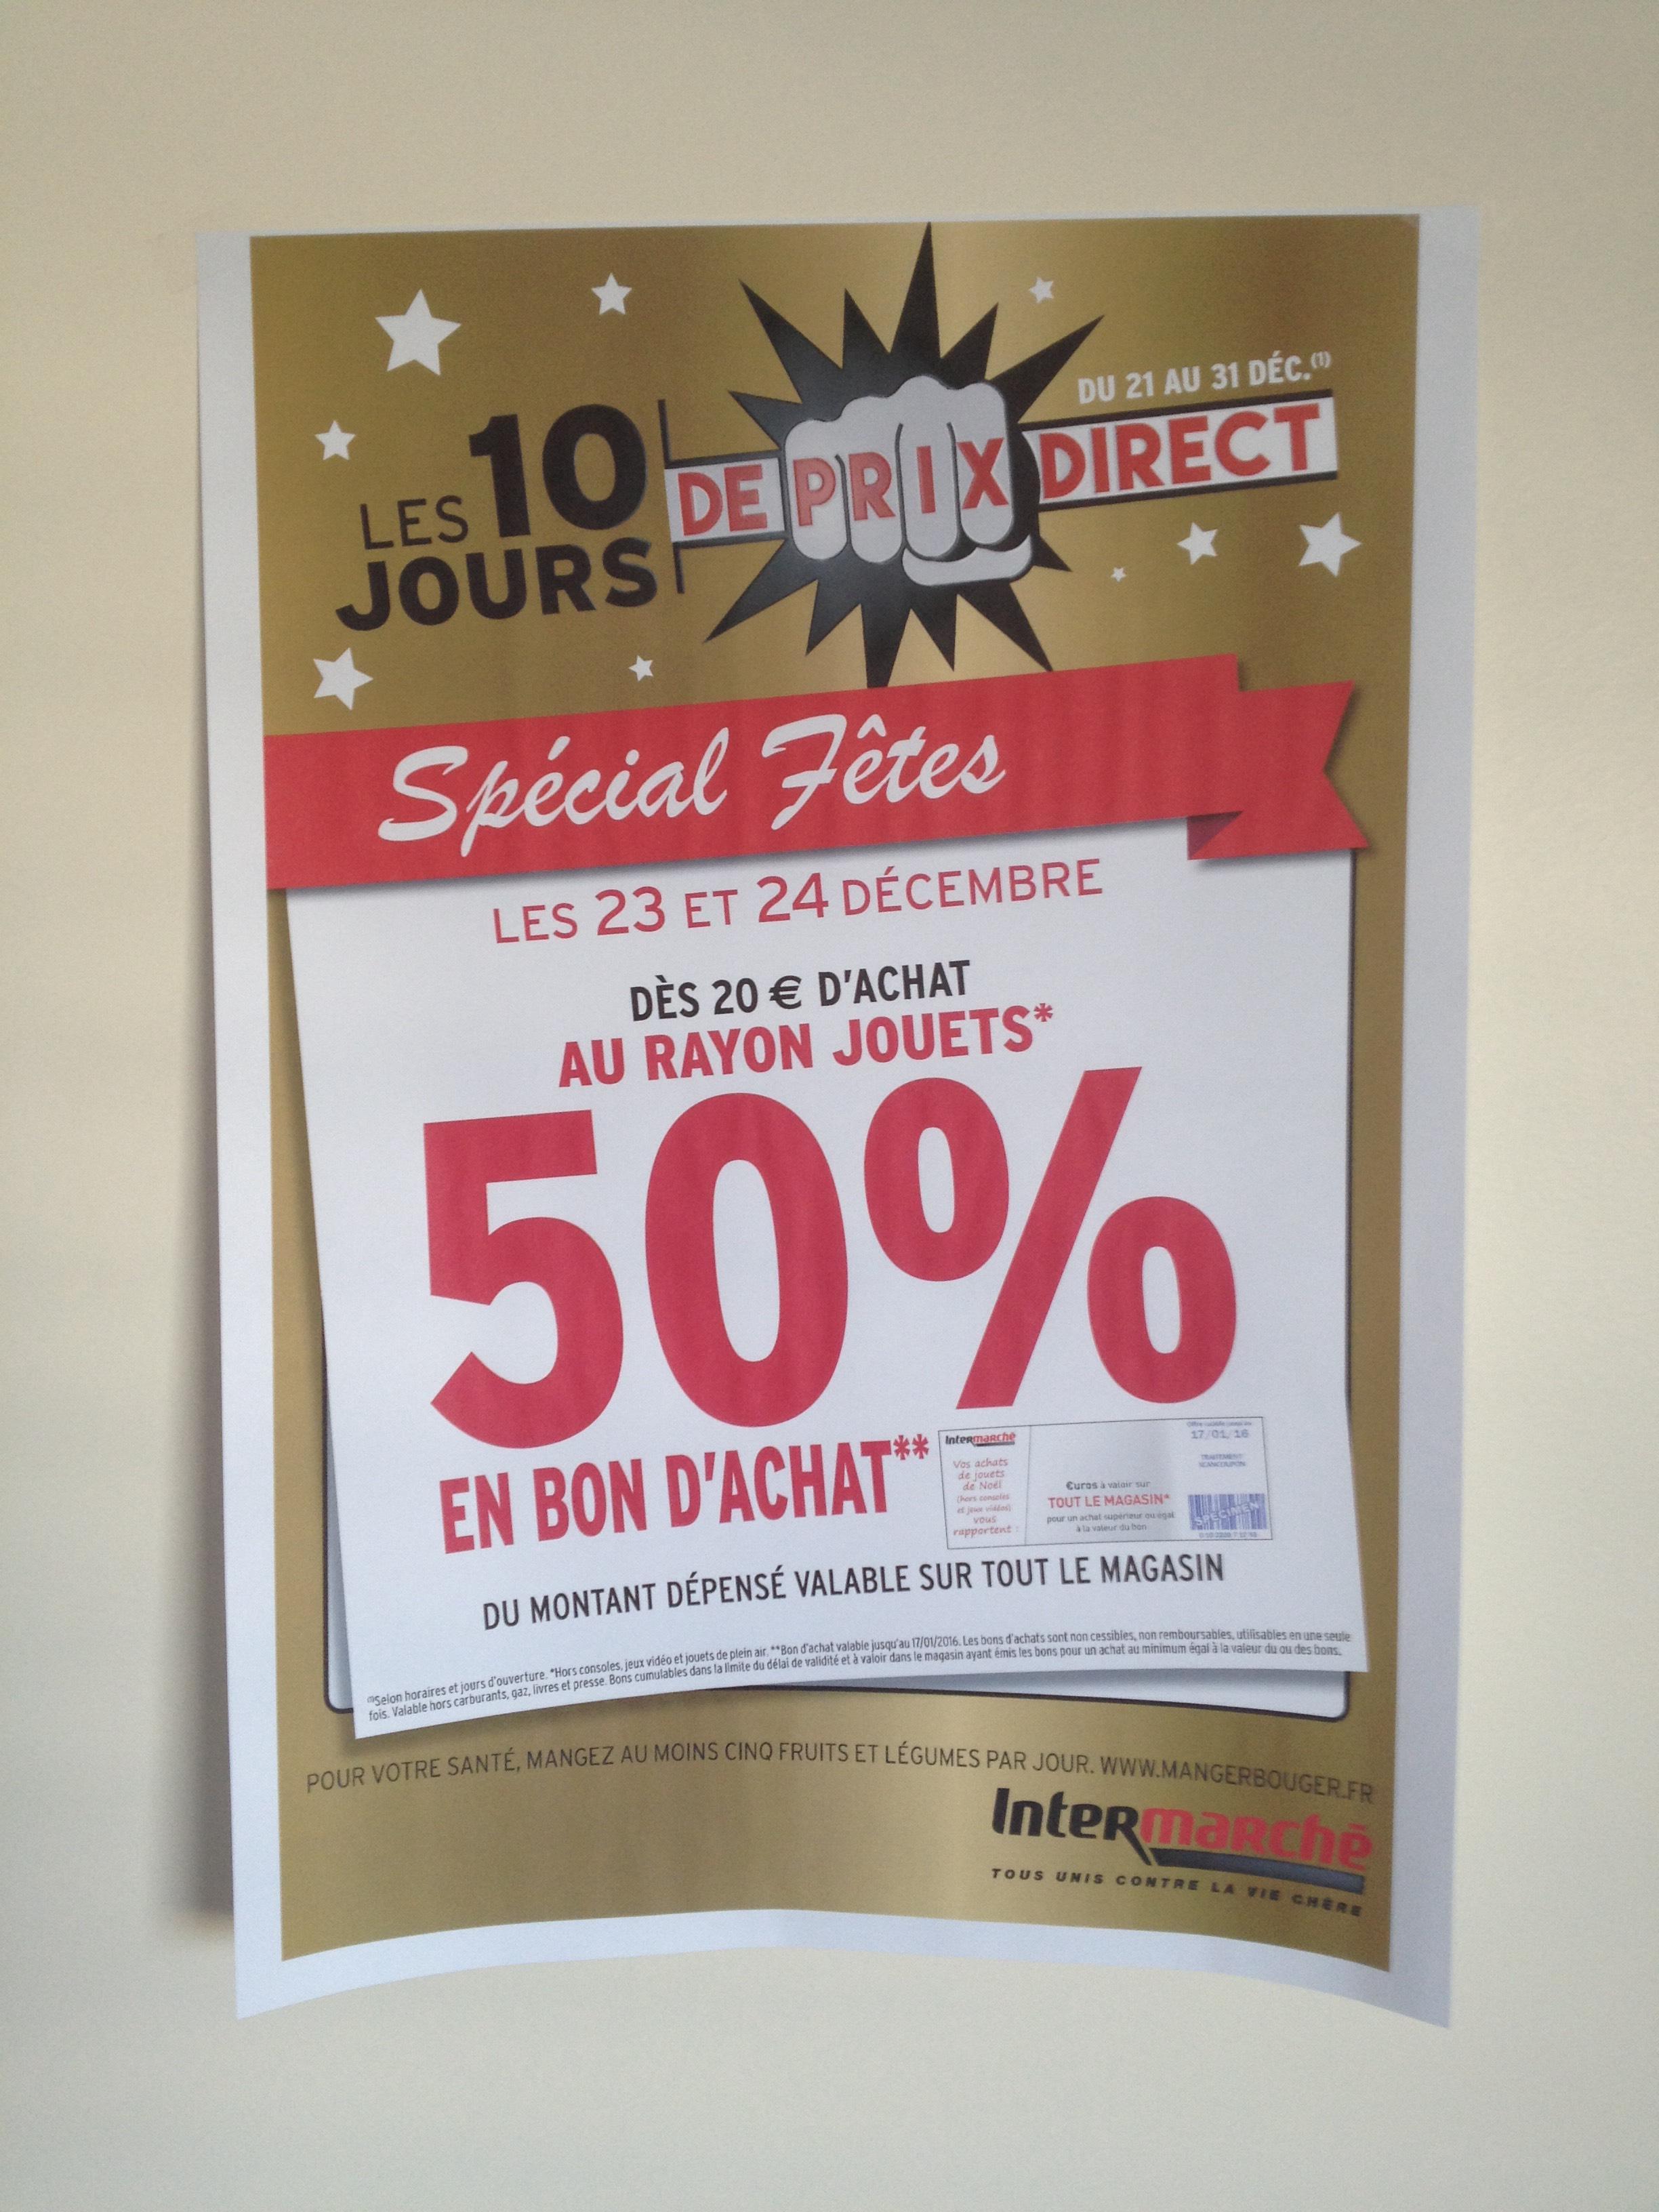 50% offerts en bon d'achat dès 20€ d'achat sur les jouets + avantages carte jusqu'à 40% = -90%